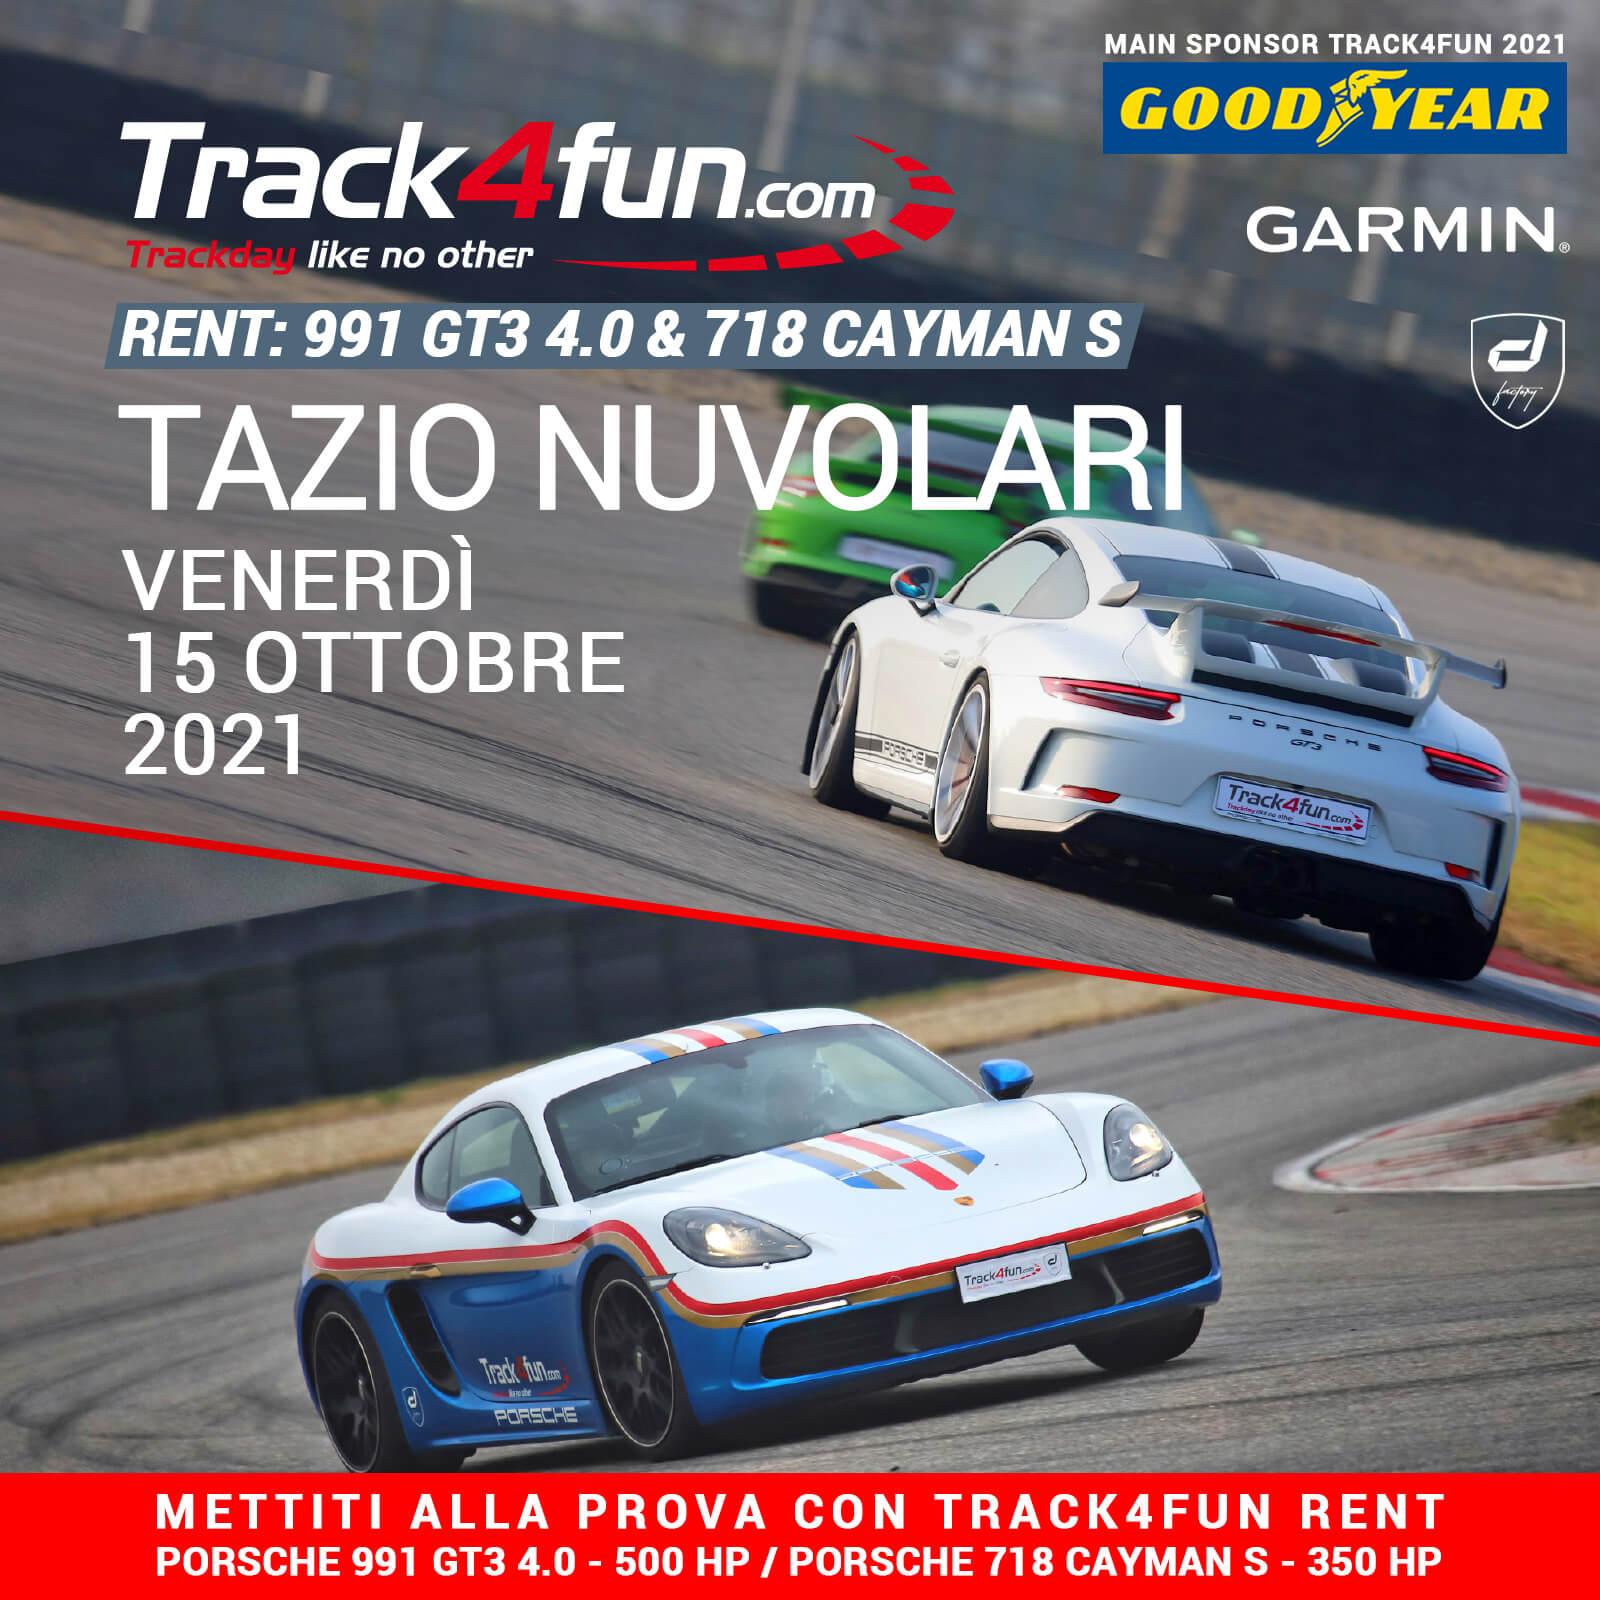 Track4fun Rent Tazio Nuvolari 15-10-2021